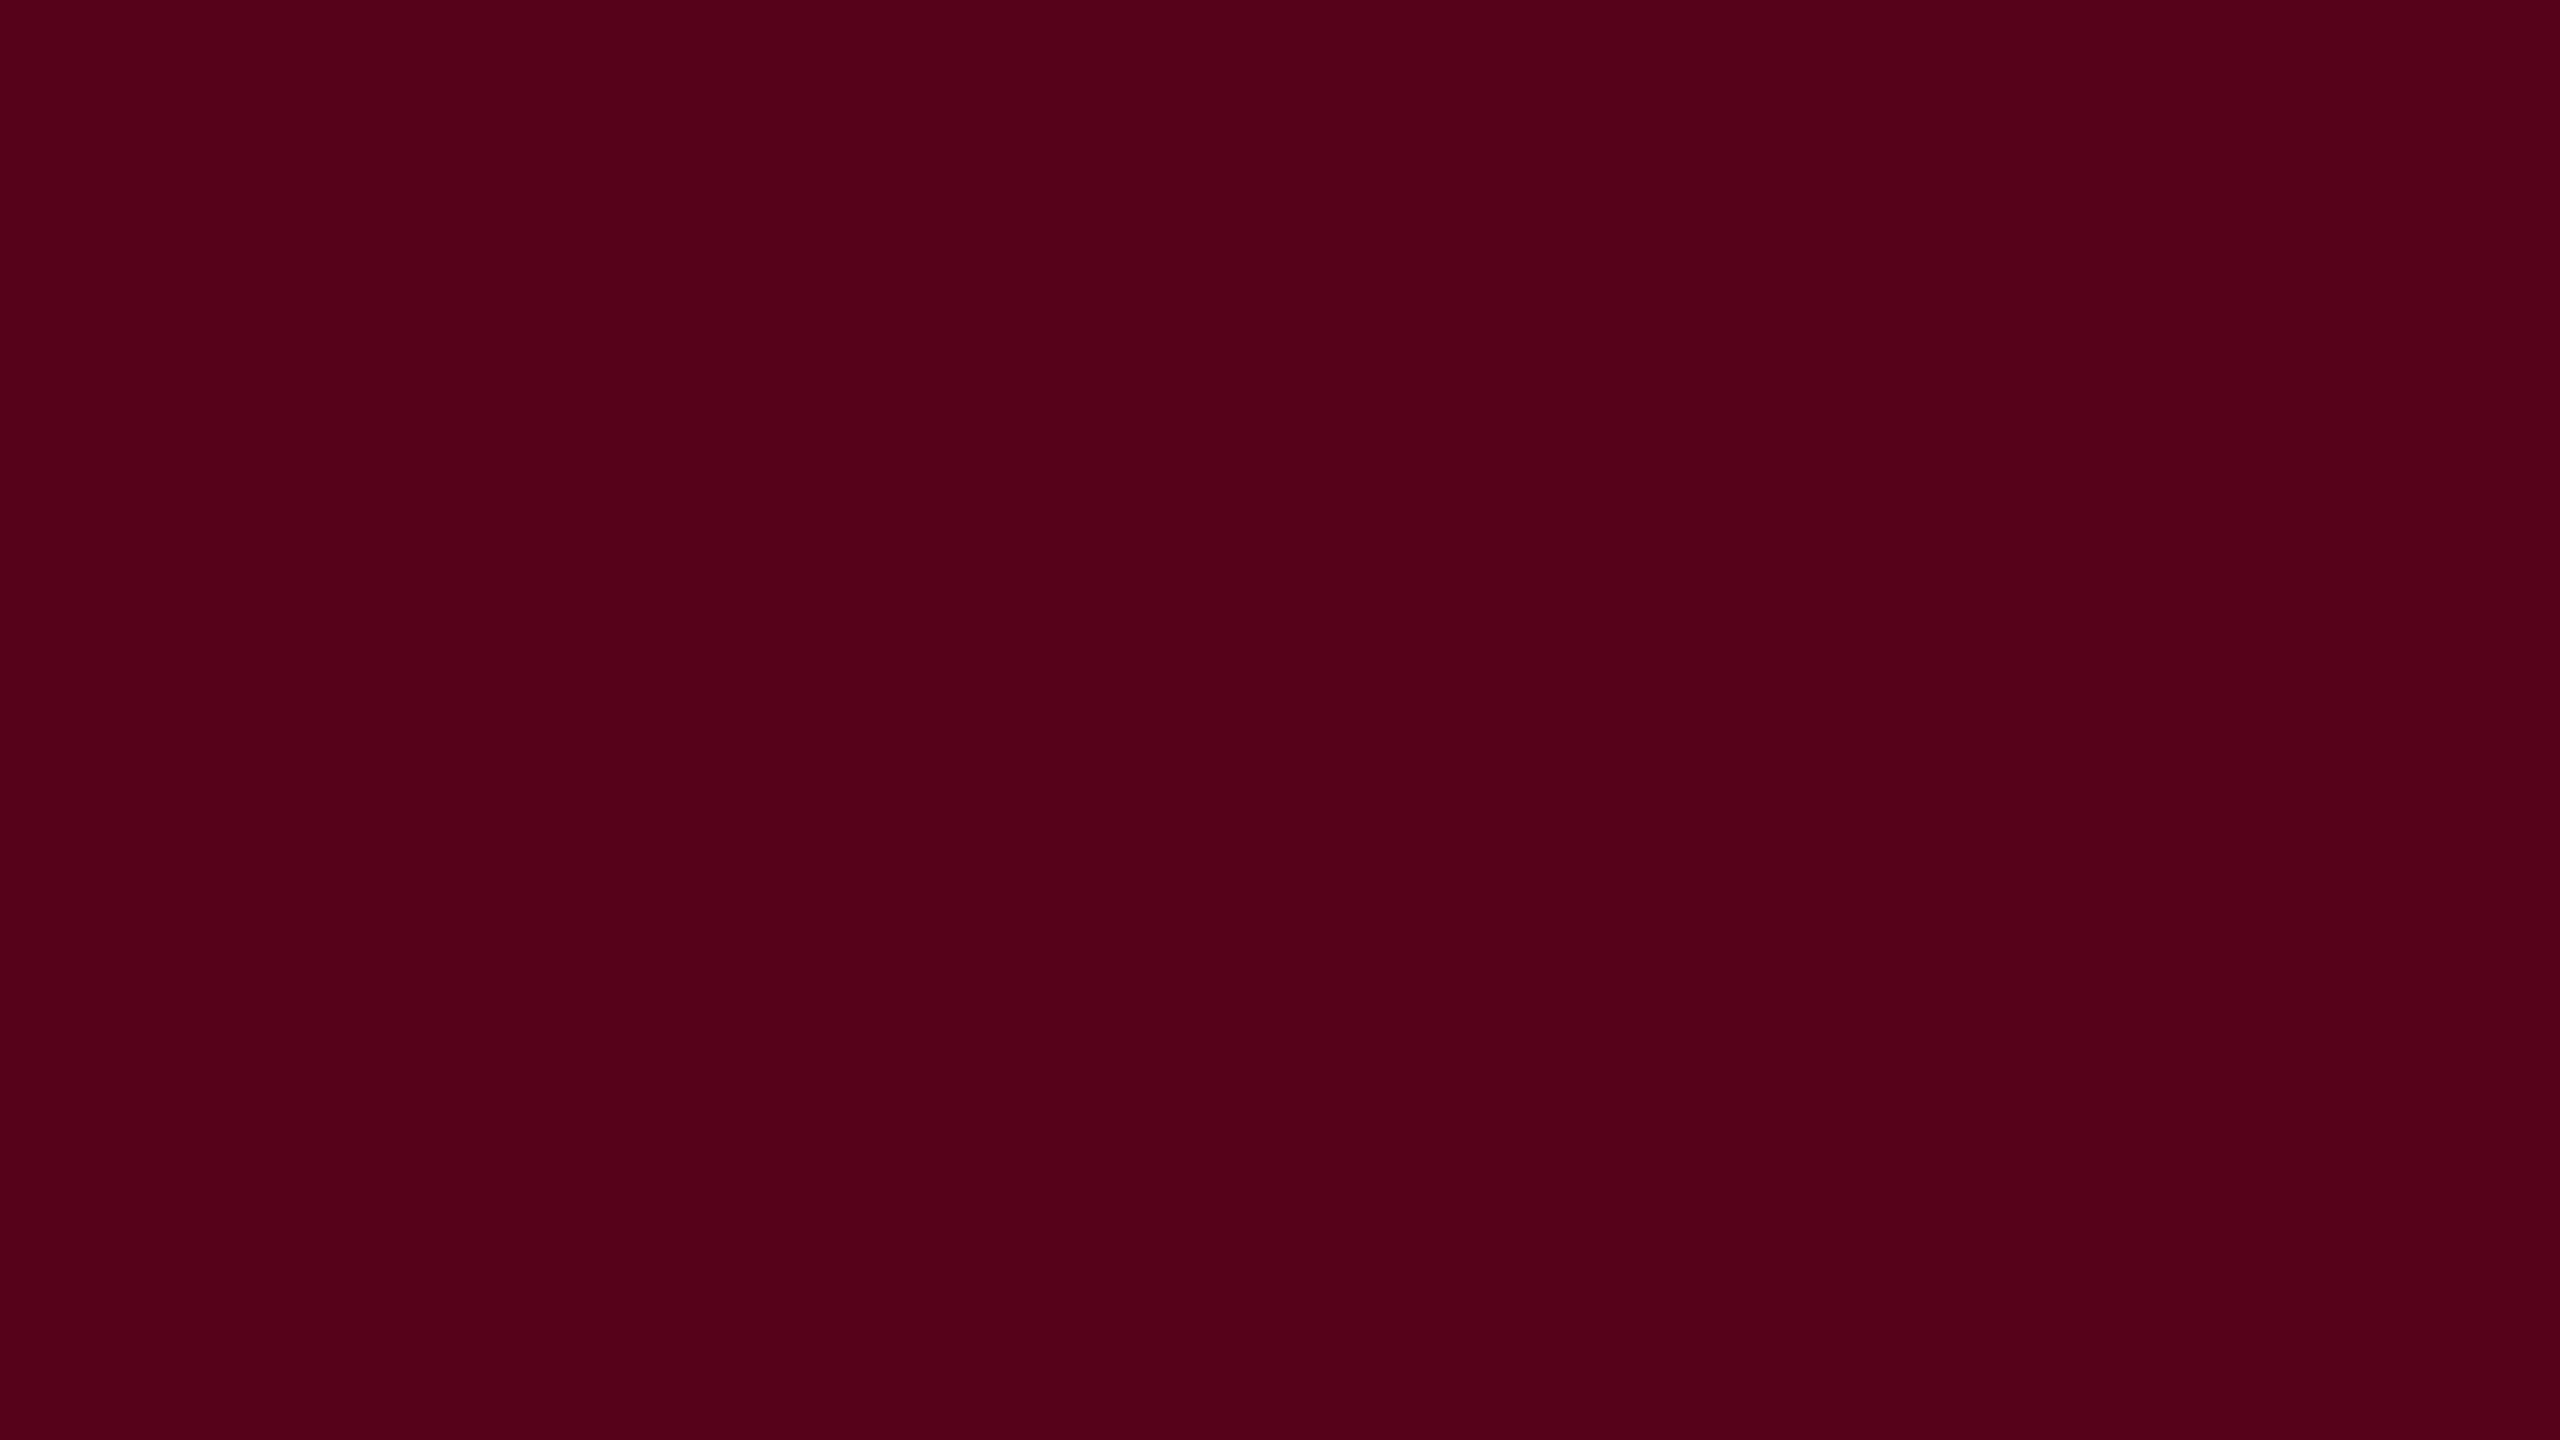 Black Black Wallpaper 2560x1440 Dark Scarlet Solid Color Background